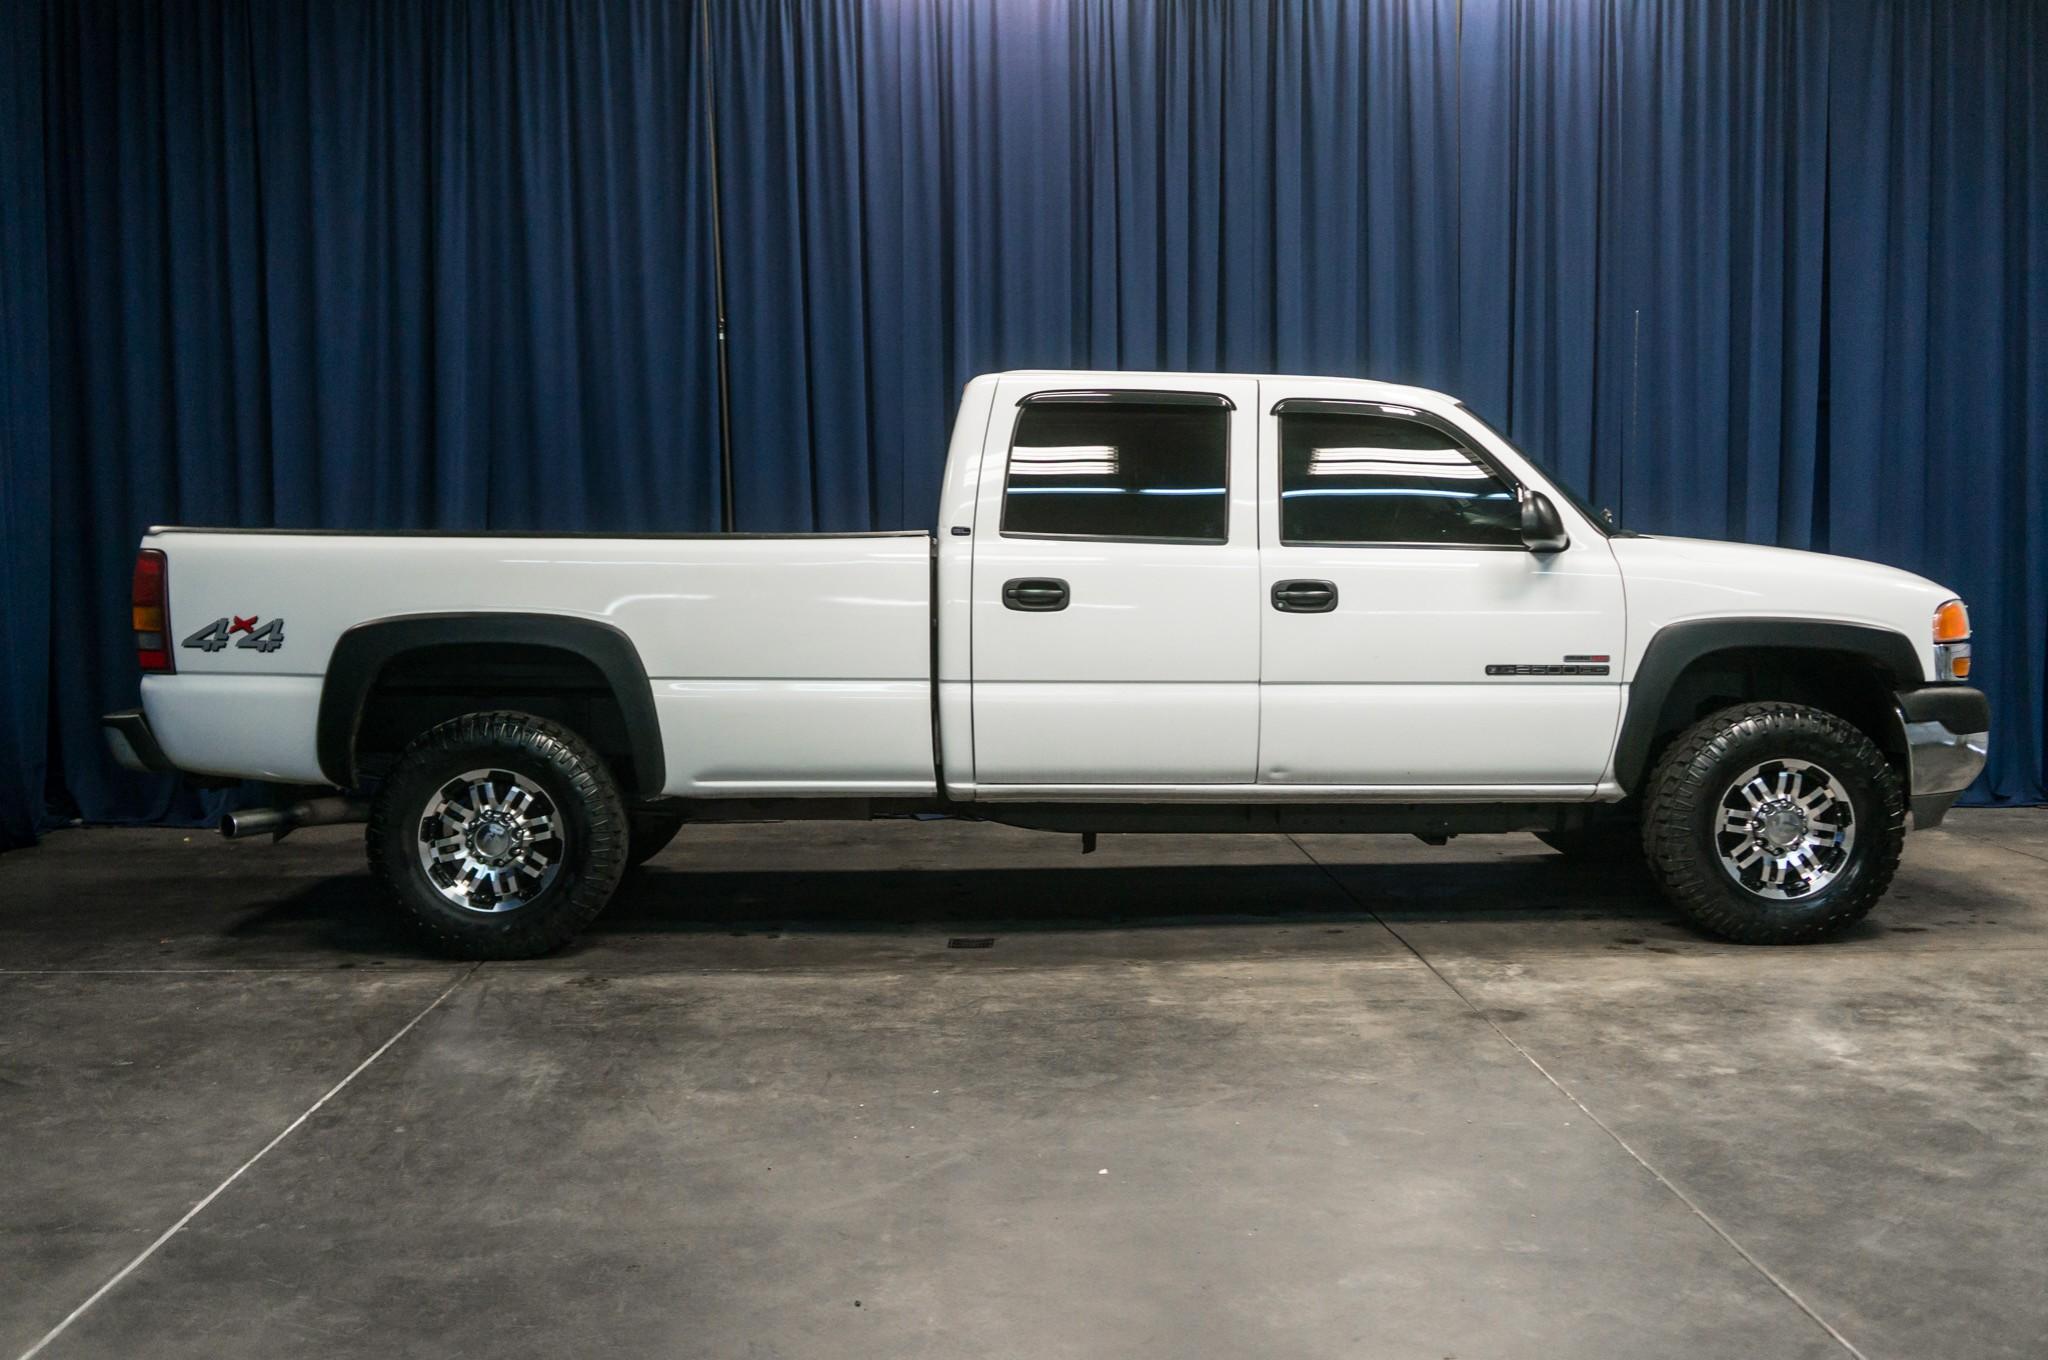 Used 2001 GMC Sierra 2500 HD 4x4 Diesel Truck For Sale A